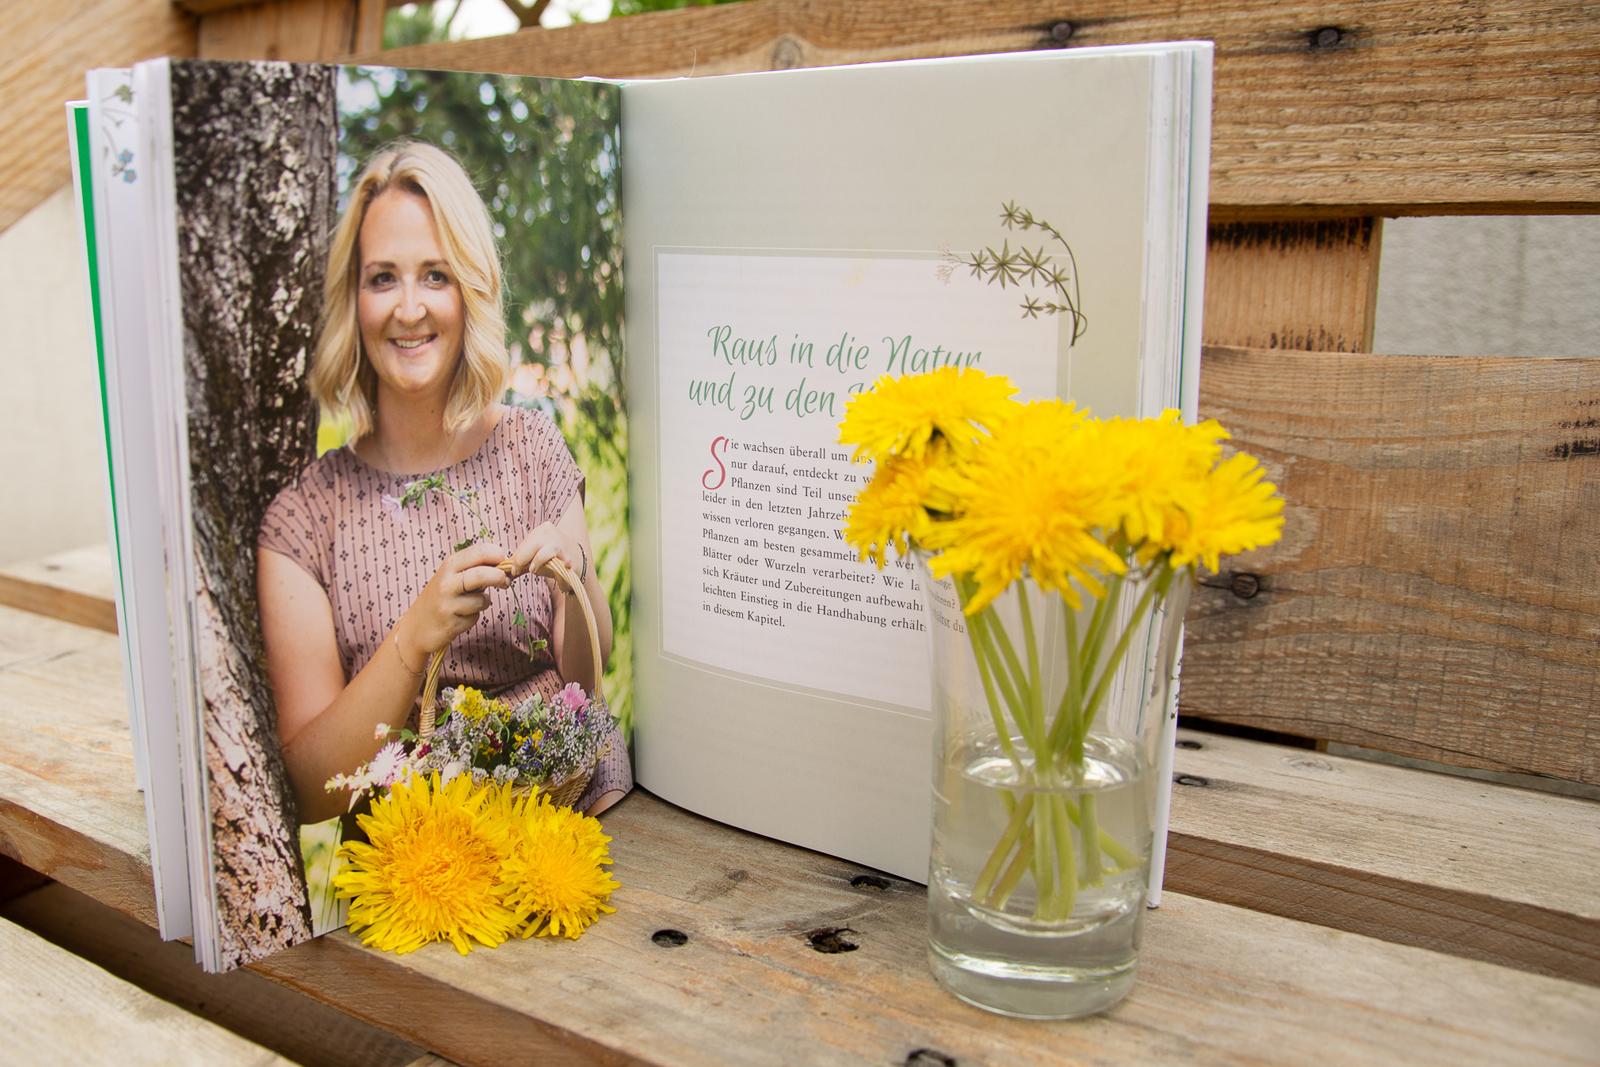 Karina zeigt im Buch anschaulich wie einfach die Natur sein kann